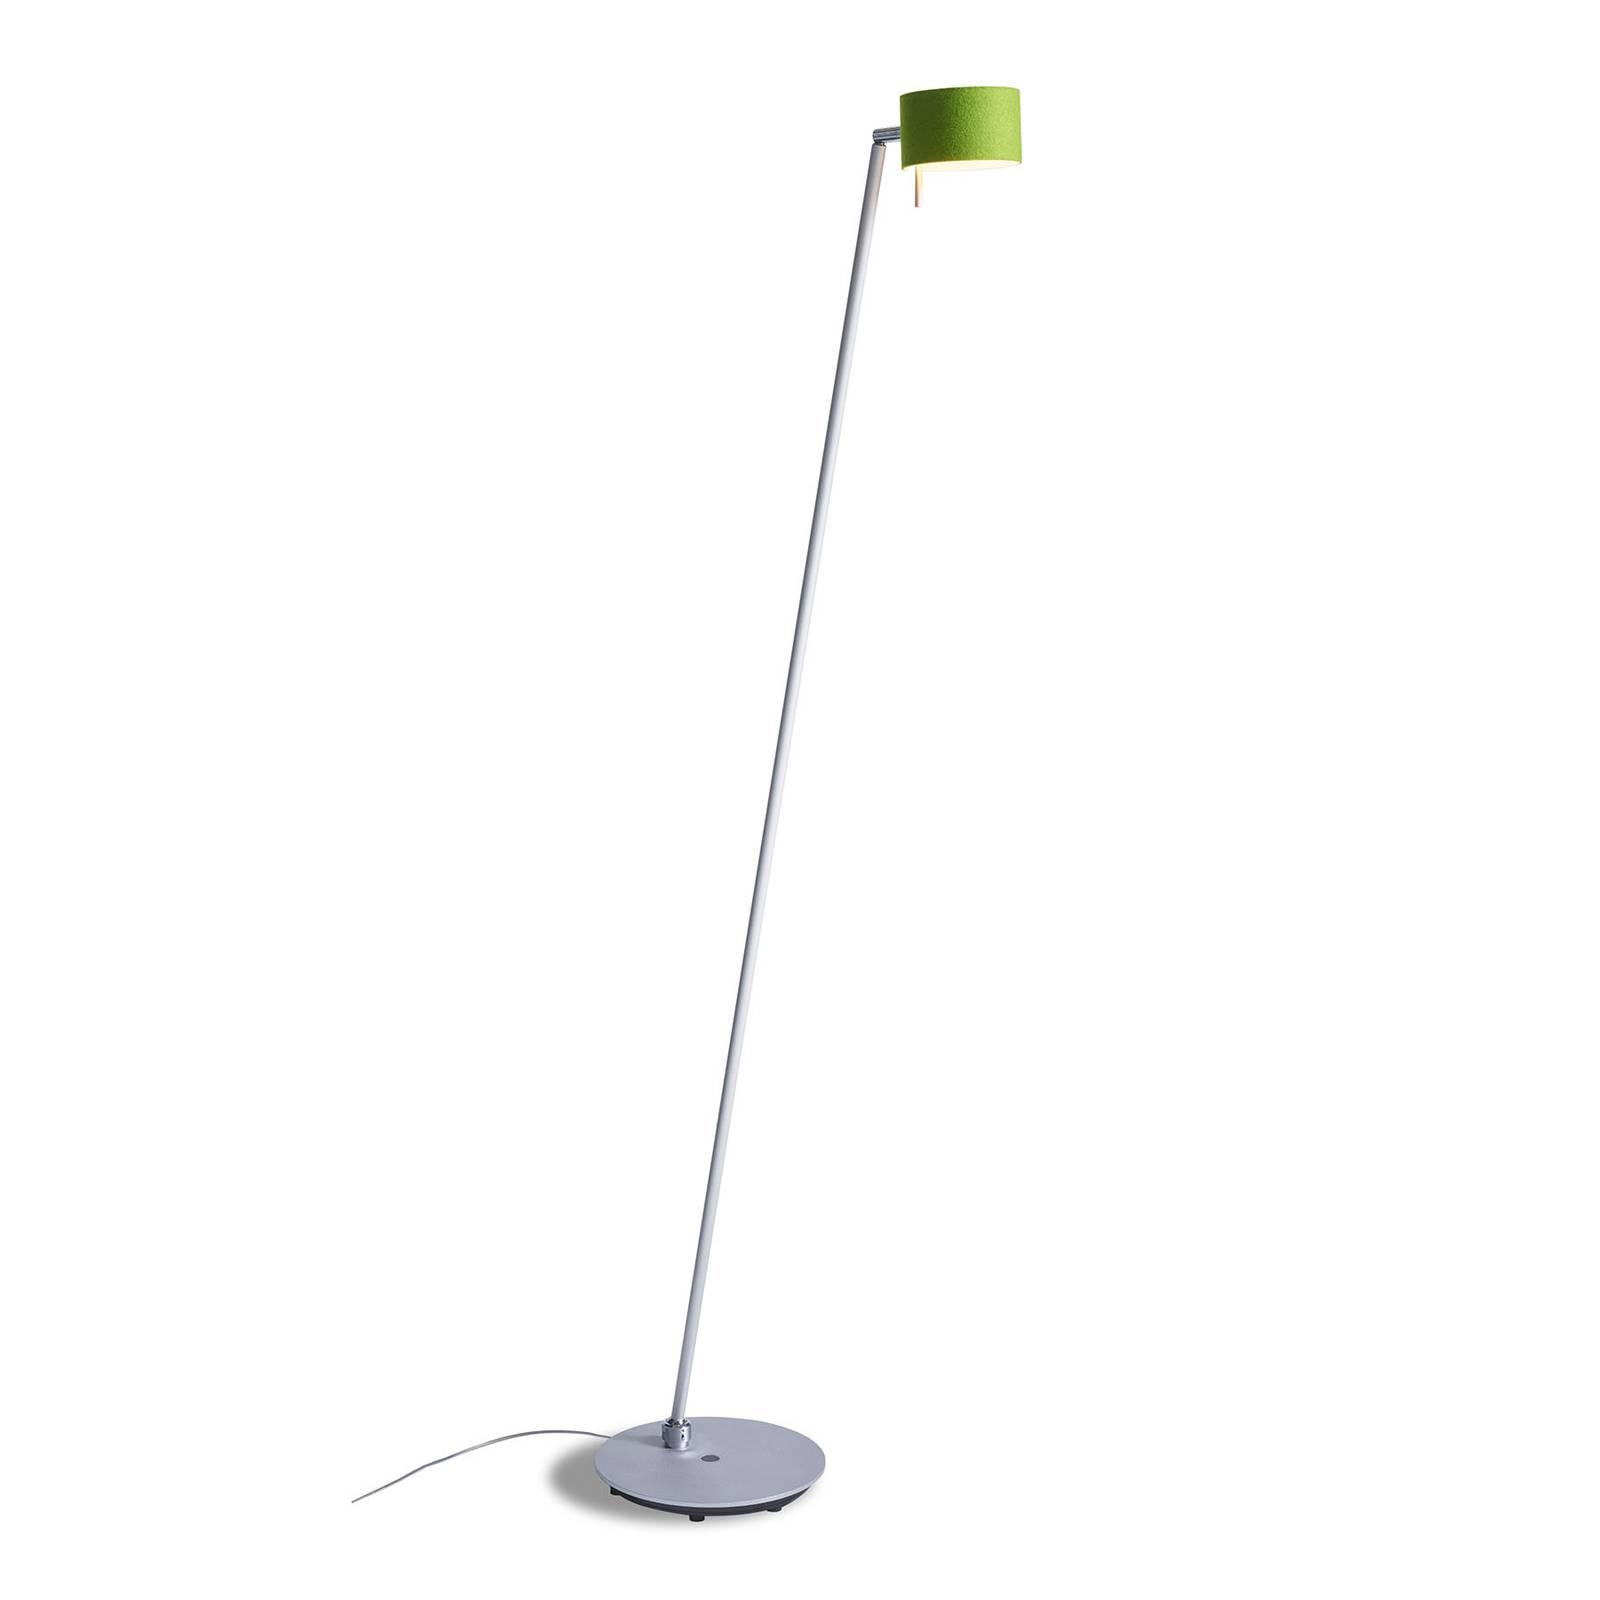 Lampadaire LED CAI dimmable, pomme/blanc cassé